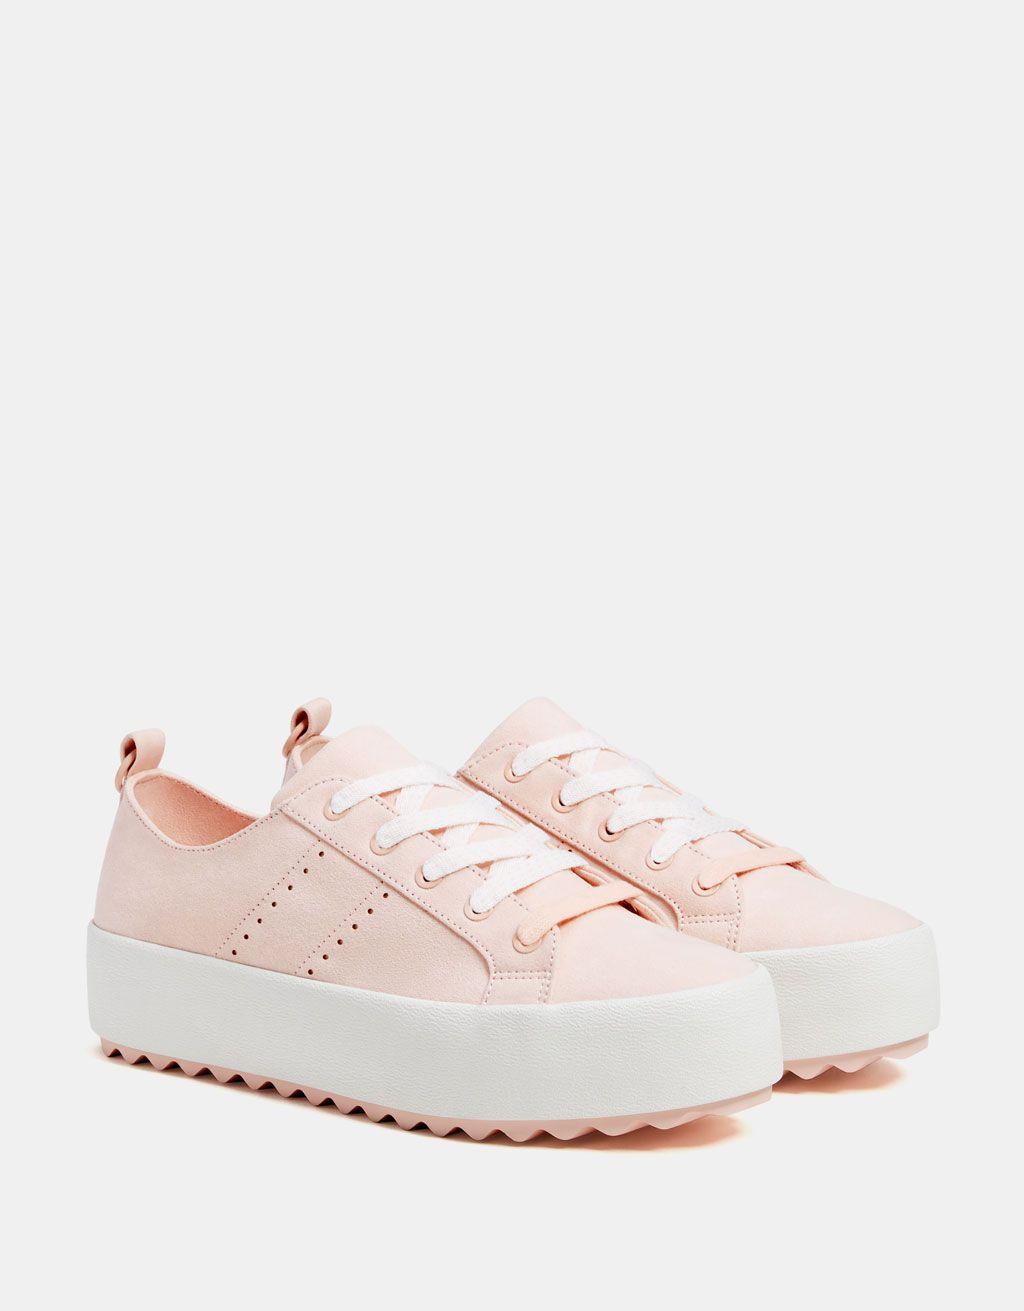 Zapatilla plataforma rosa | Tenis en 2019 | Zapatos